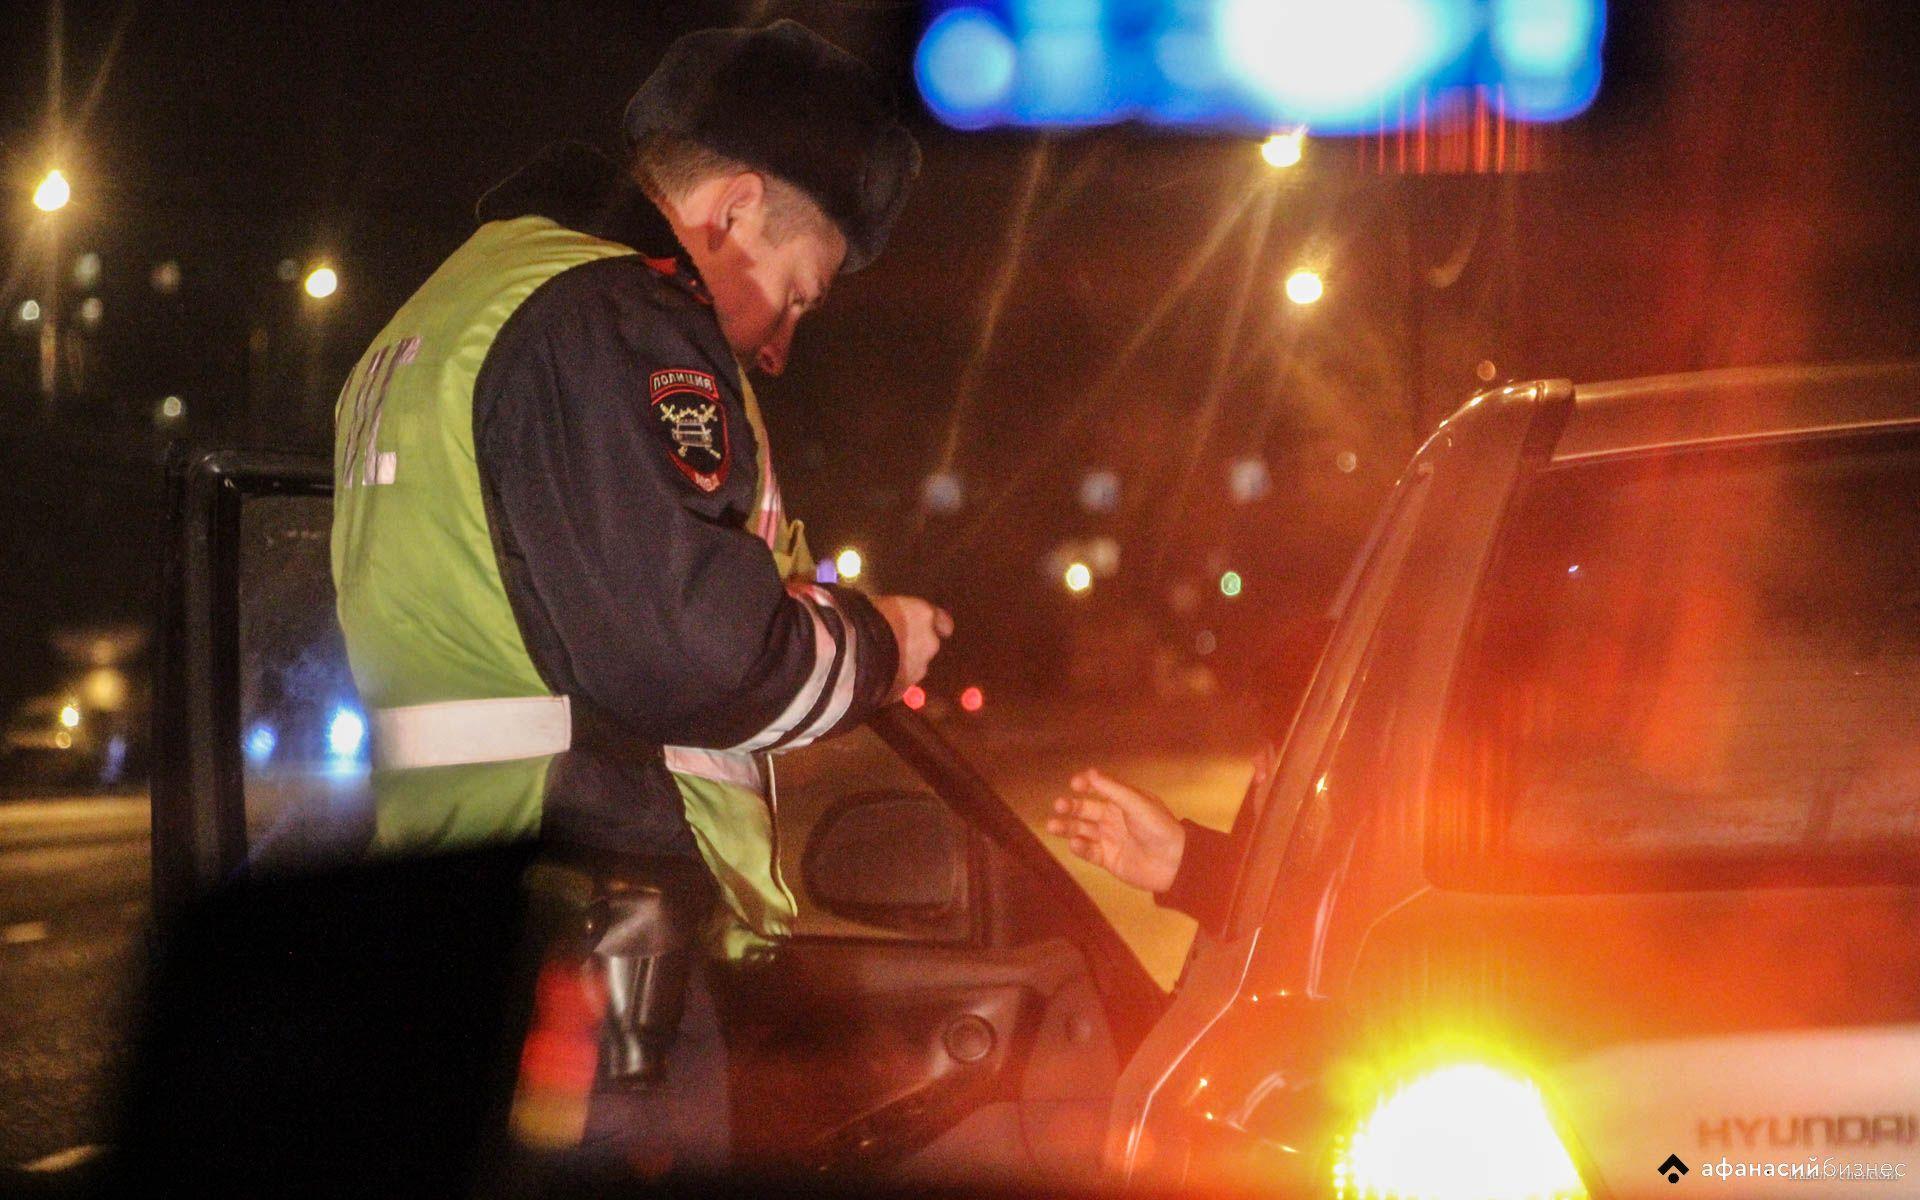 За сутки на дорогах Тверской области поймали 24 пьяных водителя и еще полсотни других нарушителей - новости Афанасий